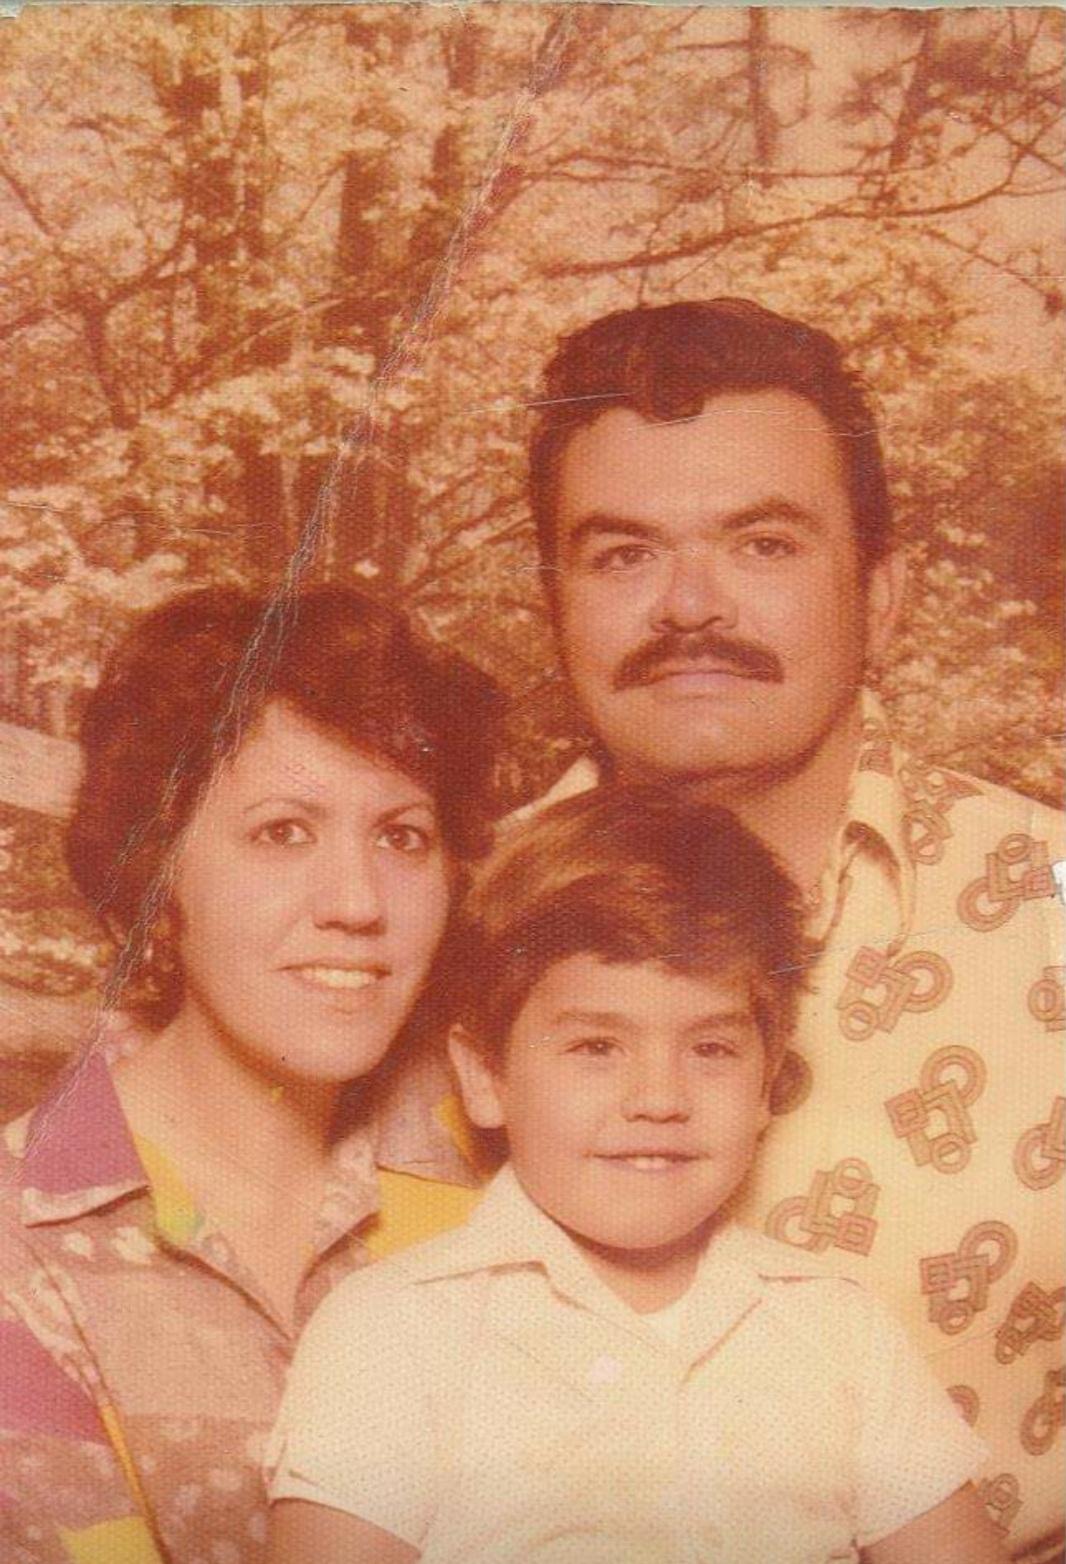 Manny Flores junto a su madre y su padre.